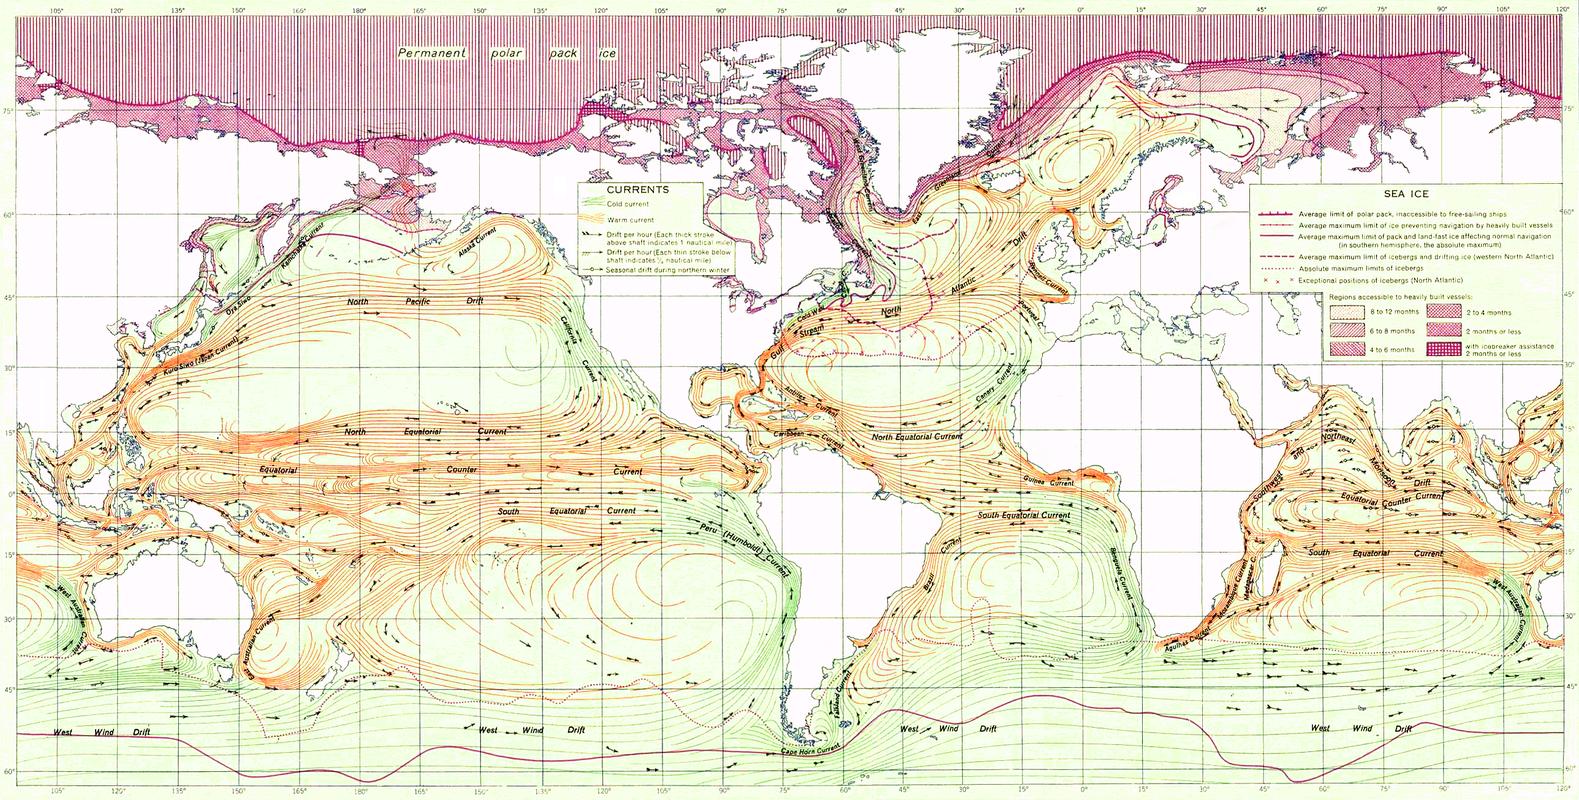 Карта течений мирового океана 1943 года